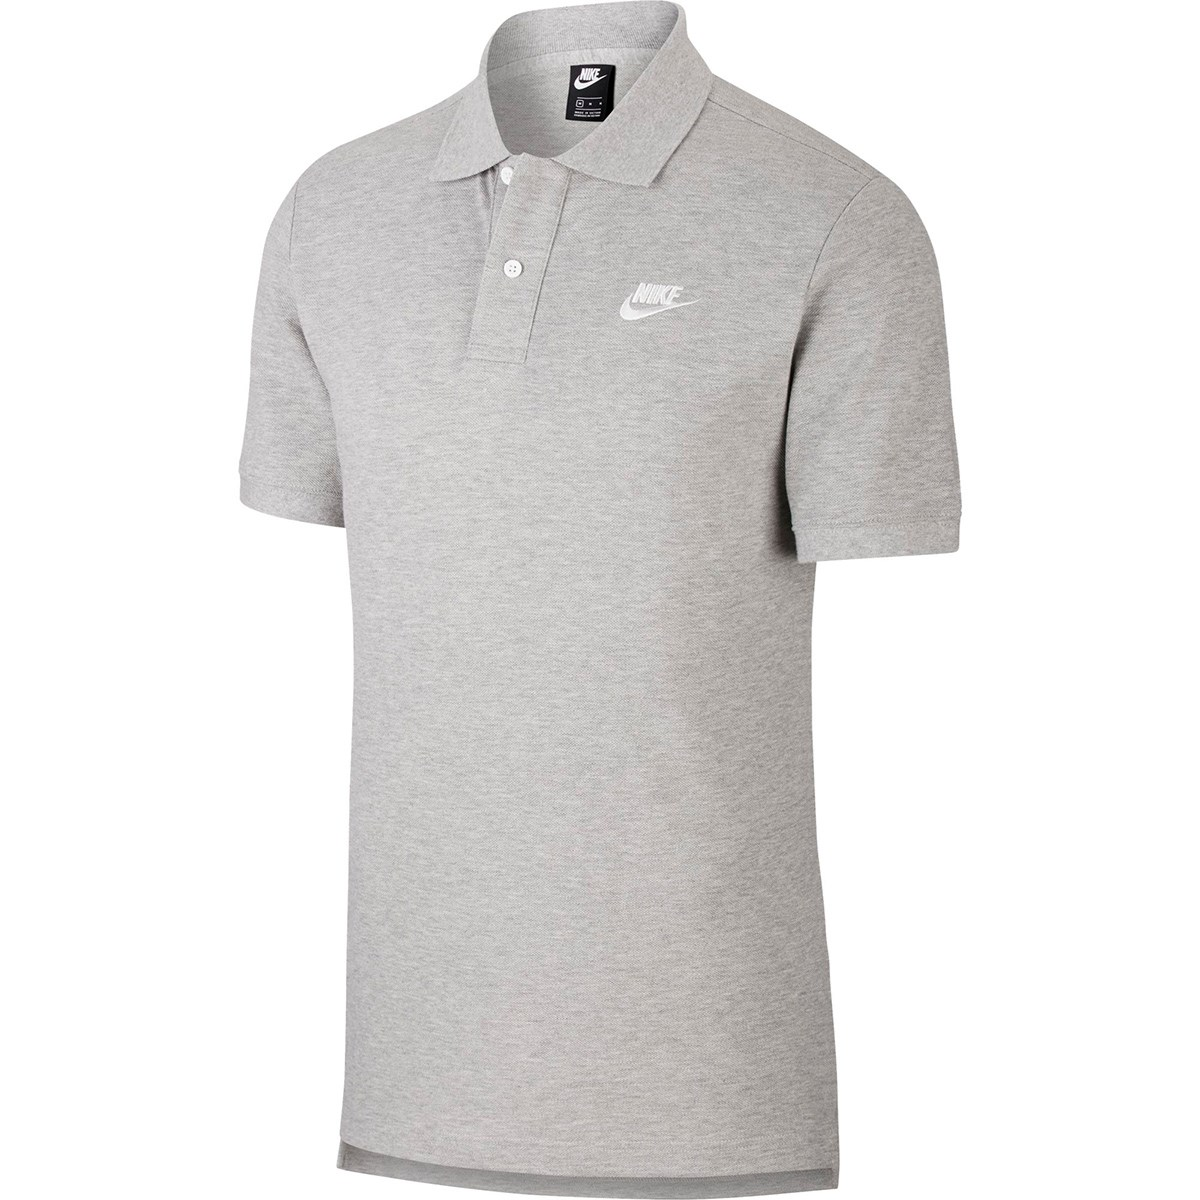 ナイキ(NIKE) マッチアップ半袖ポロシャツ